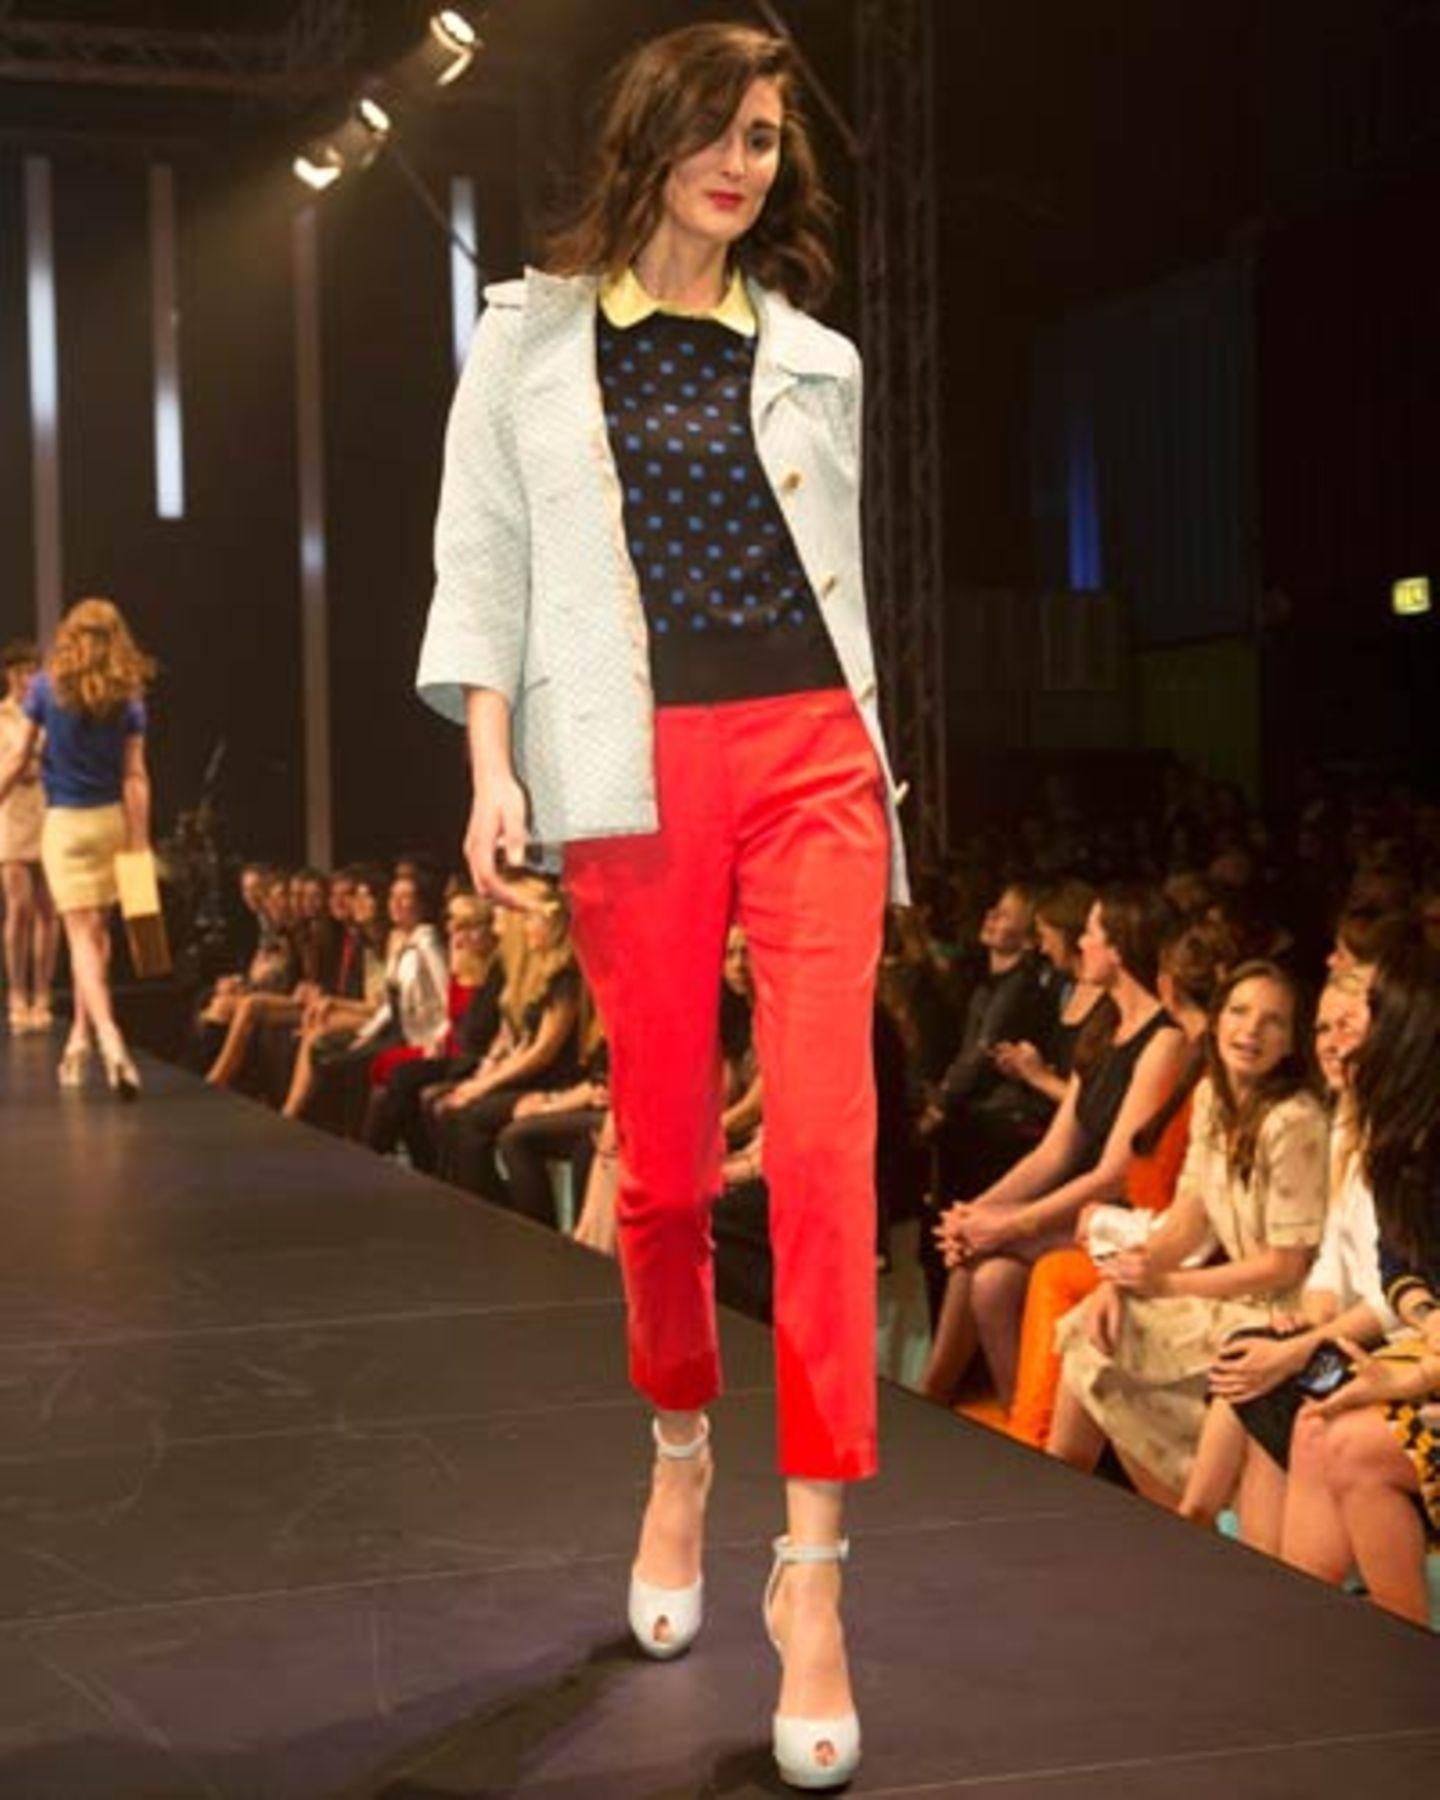 Die Hose in der Trendfarbe Rot ist von The Line Up über Peek & Cloppenburg. Dazu kombinieren wir eine Jacke von Coje und einen Pulli von Steffen Schraut. Poloshirt von Brax, Schuhe von Paco Gil.